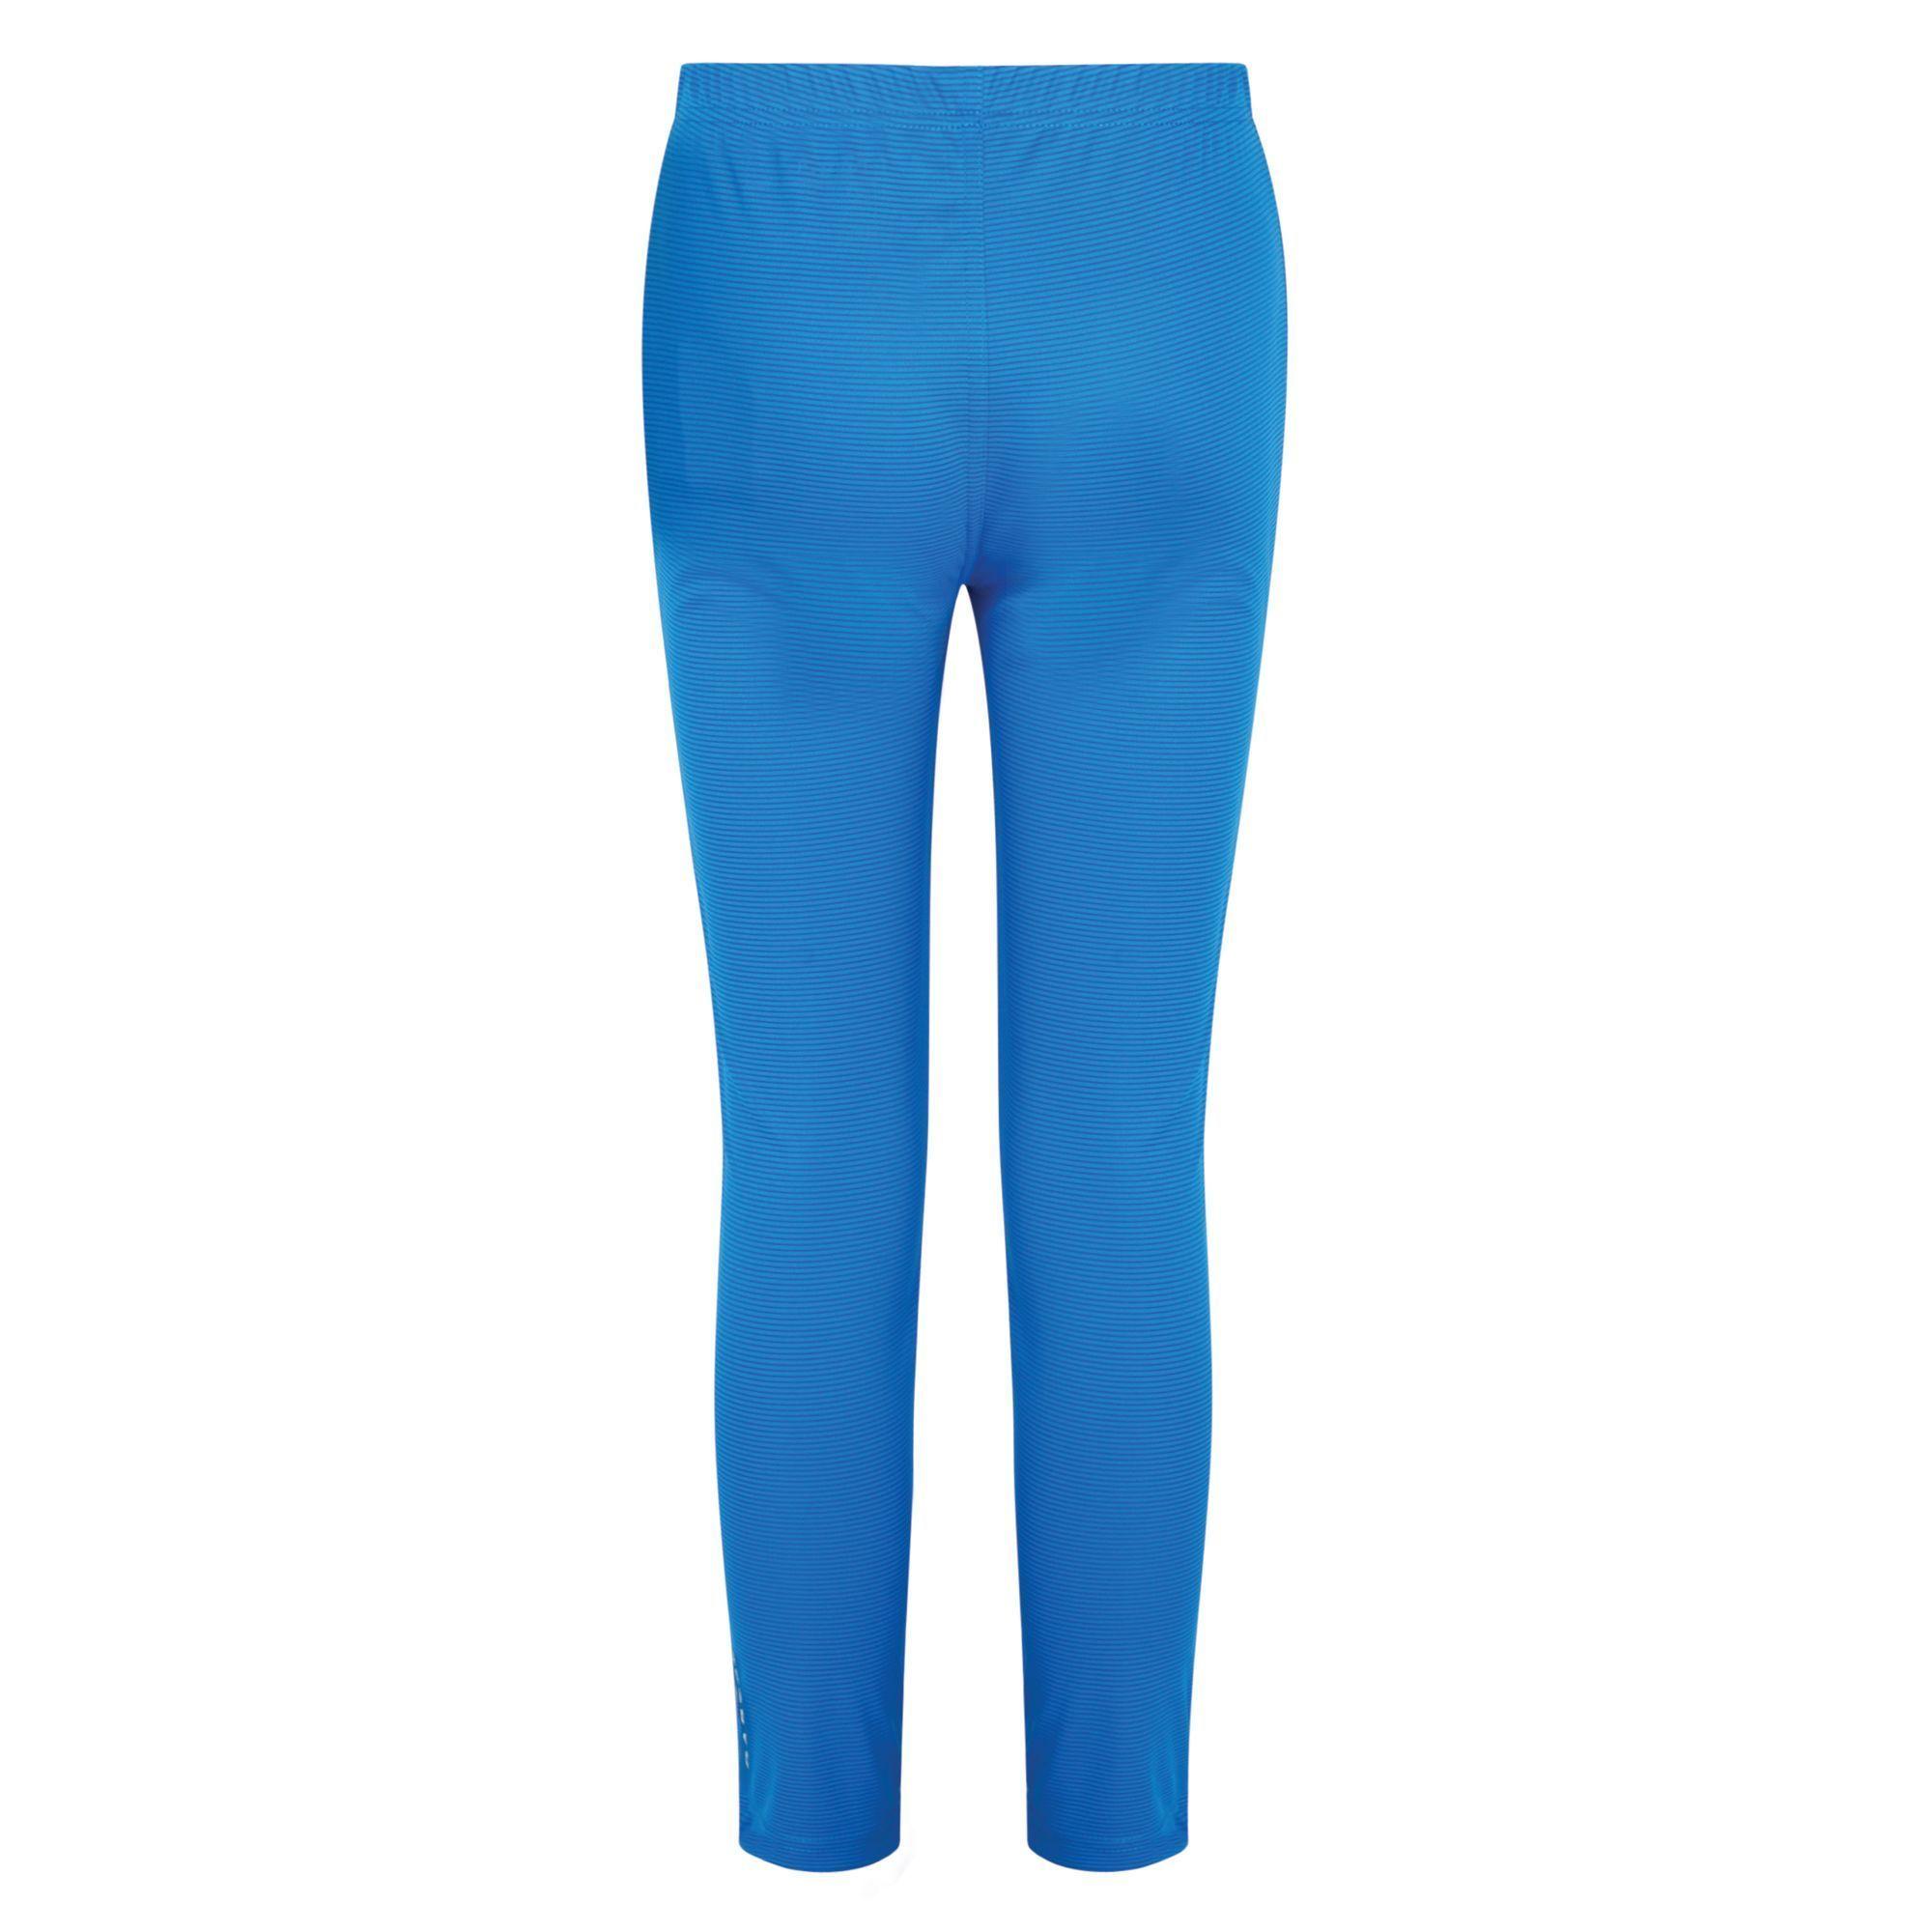 Equate Blue Set